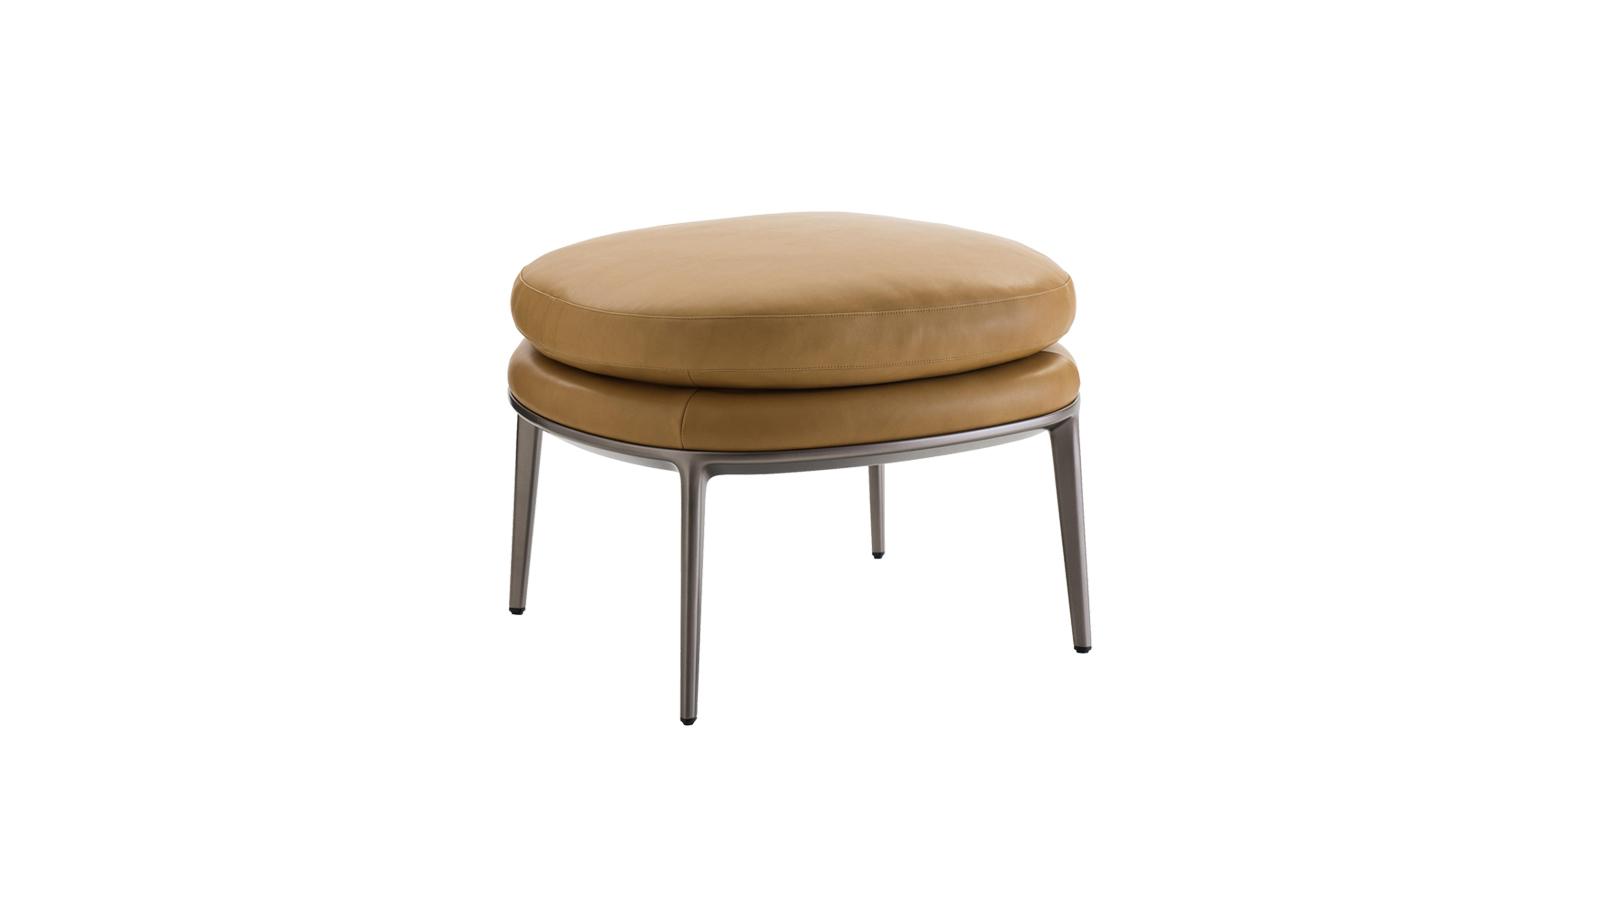 """""""A B&B Italia Caratos sorozatának új darabjai – mint ez a szék is – egyszerre tagadhatatlanul kortársak, ugyanakkor a '20-as évek tárgyvilágát is megidézik. Modern, letisztult, de eközben a tervező, Antonio Citterio korábbi kézműves munkáit is előhívó tárgyvilág: a bőrhuzat nemes bronzszíne és a fényáthatlan anyag végtelen eleganciát sugároznak. A karfa hiánya a kezeknek szabad mozgást ad. """""""